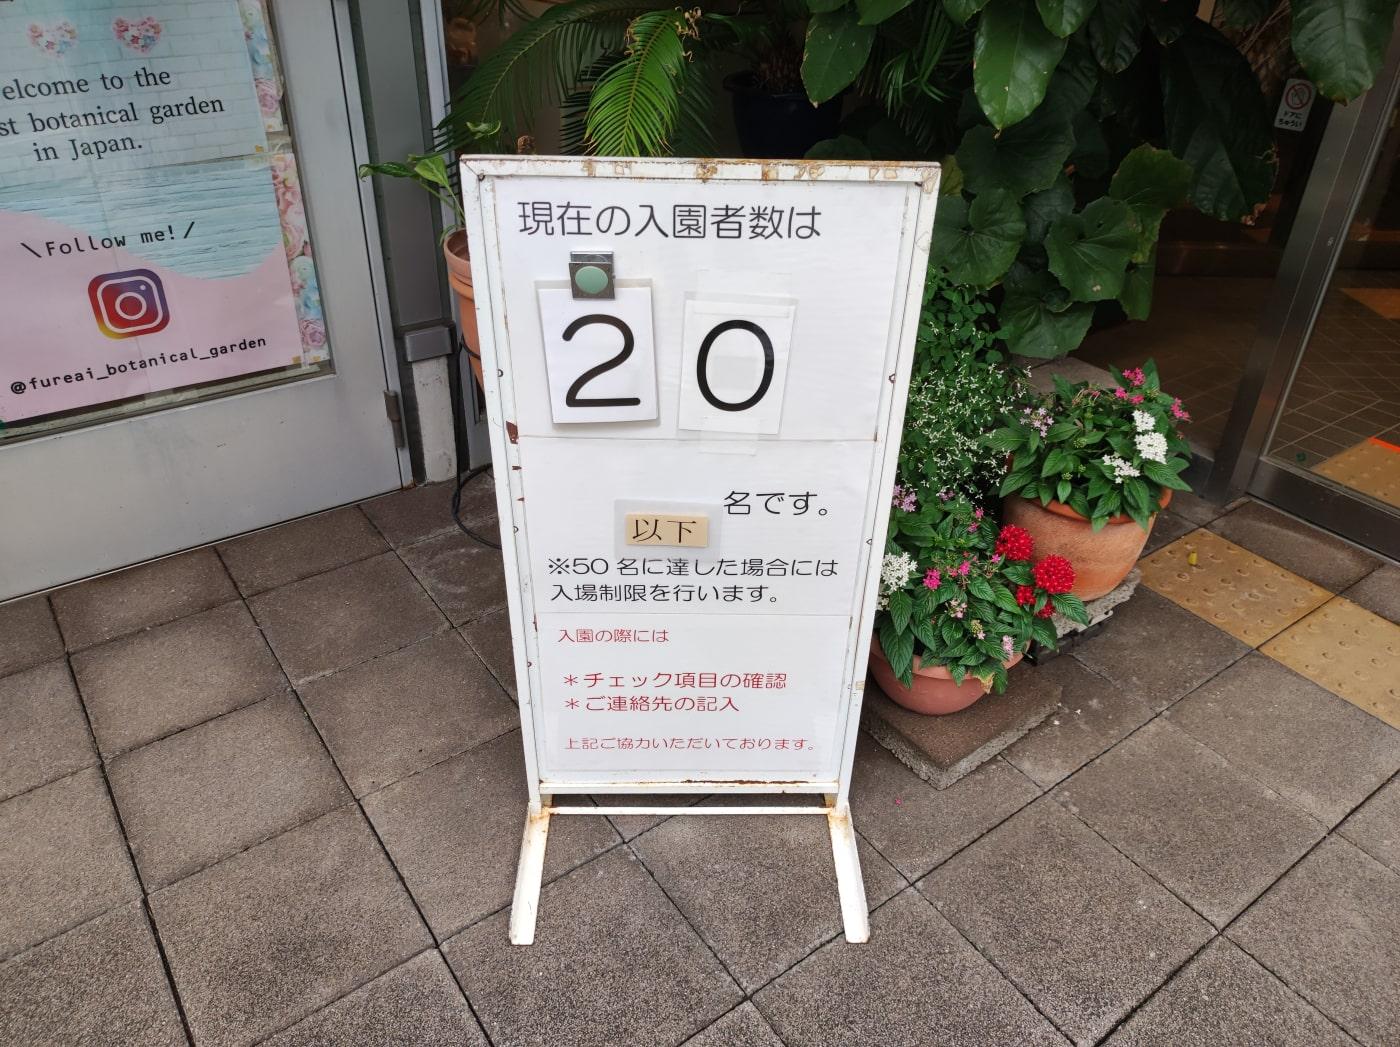 入場制限の看板